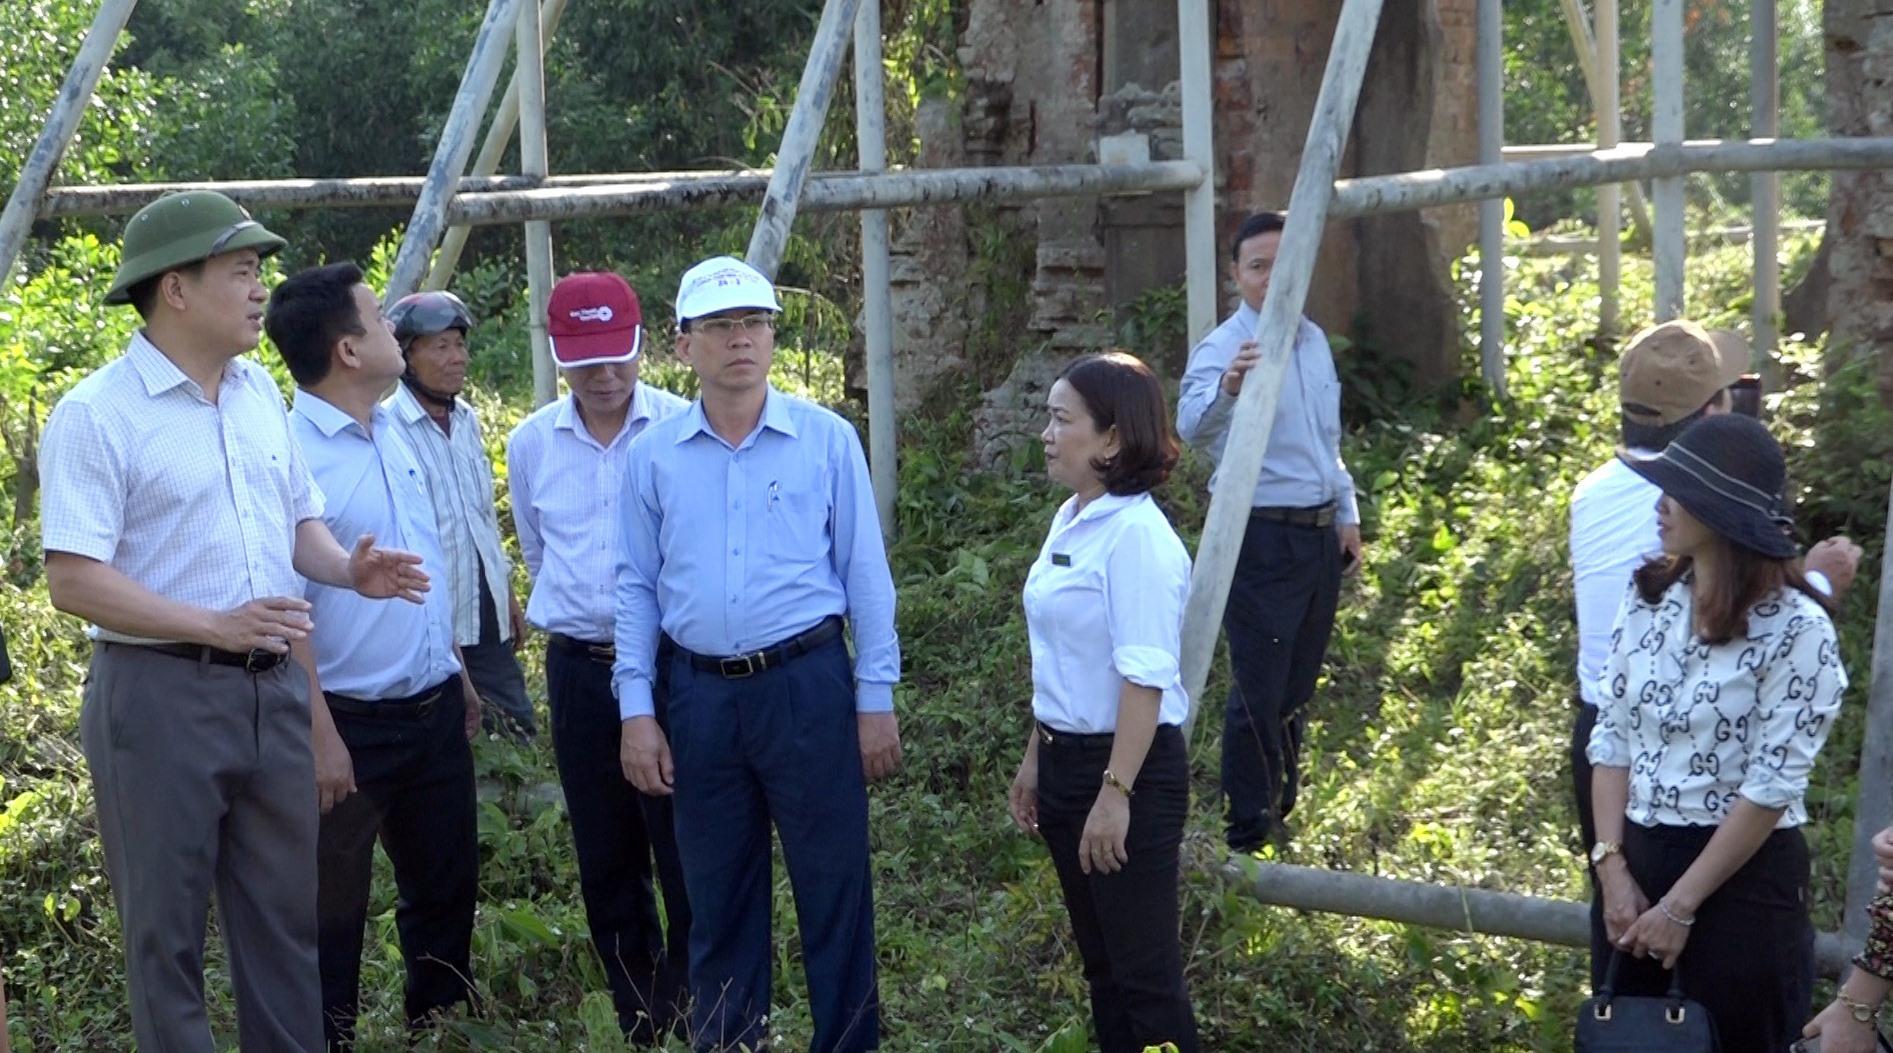 Phó Chủ tịch UBND tỉnh Trần Văn Tân yêu cầu phải khẩn trương thực hiện phương án chống đỡ cho tháp Sáng của Phật viện Đồng Dương. Ảnh: B.T